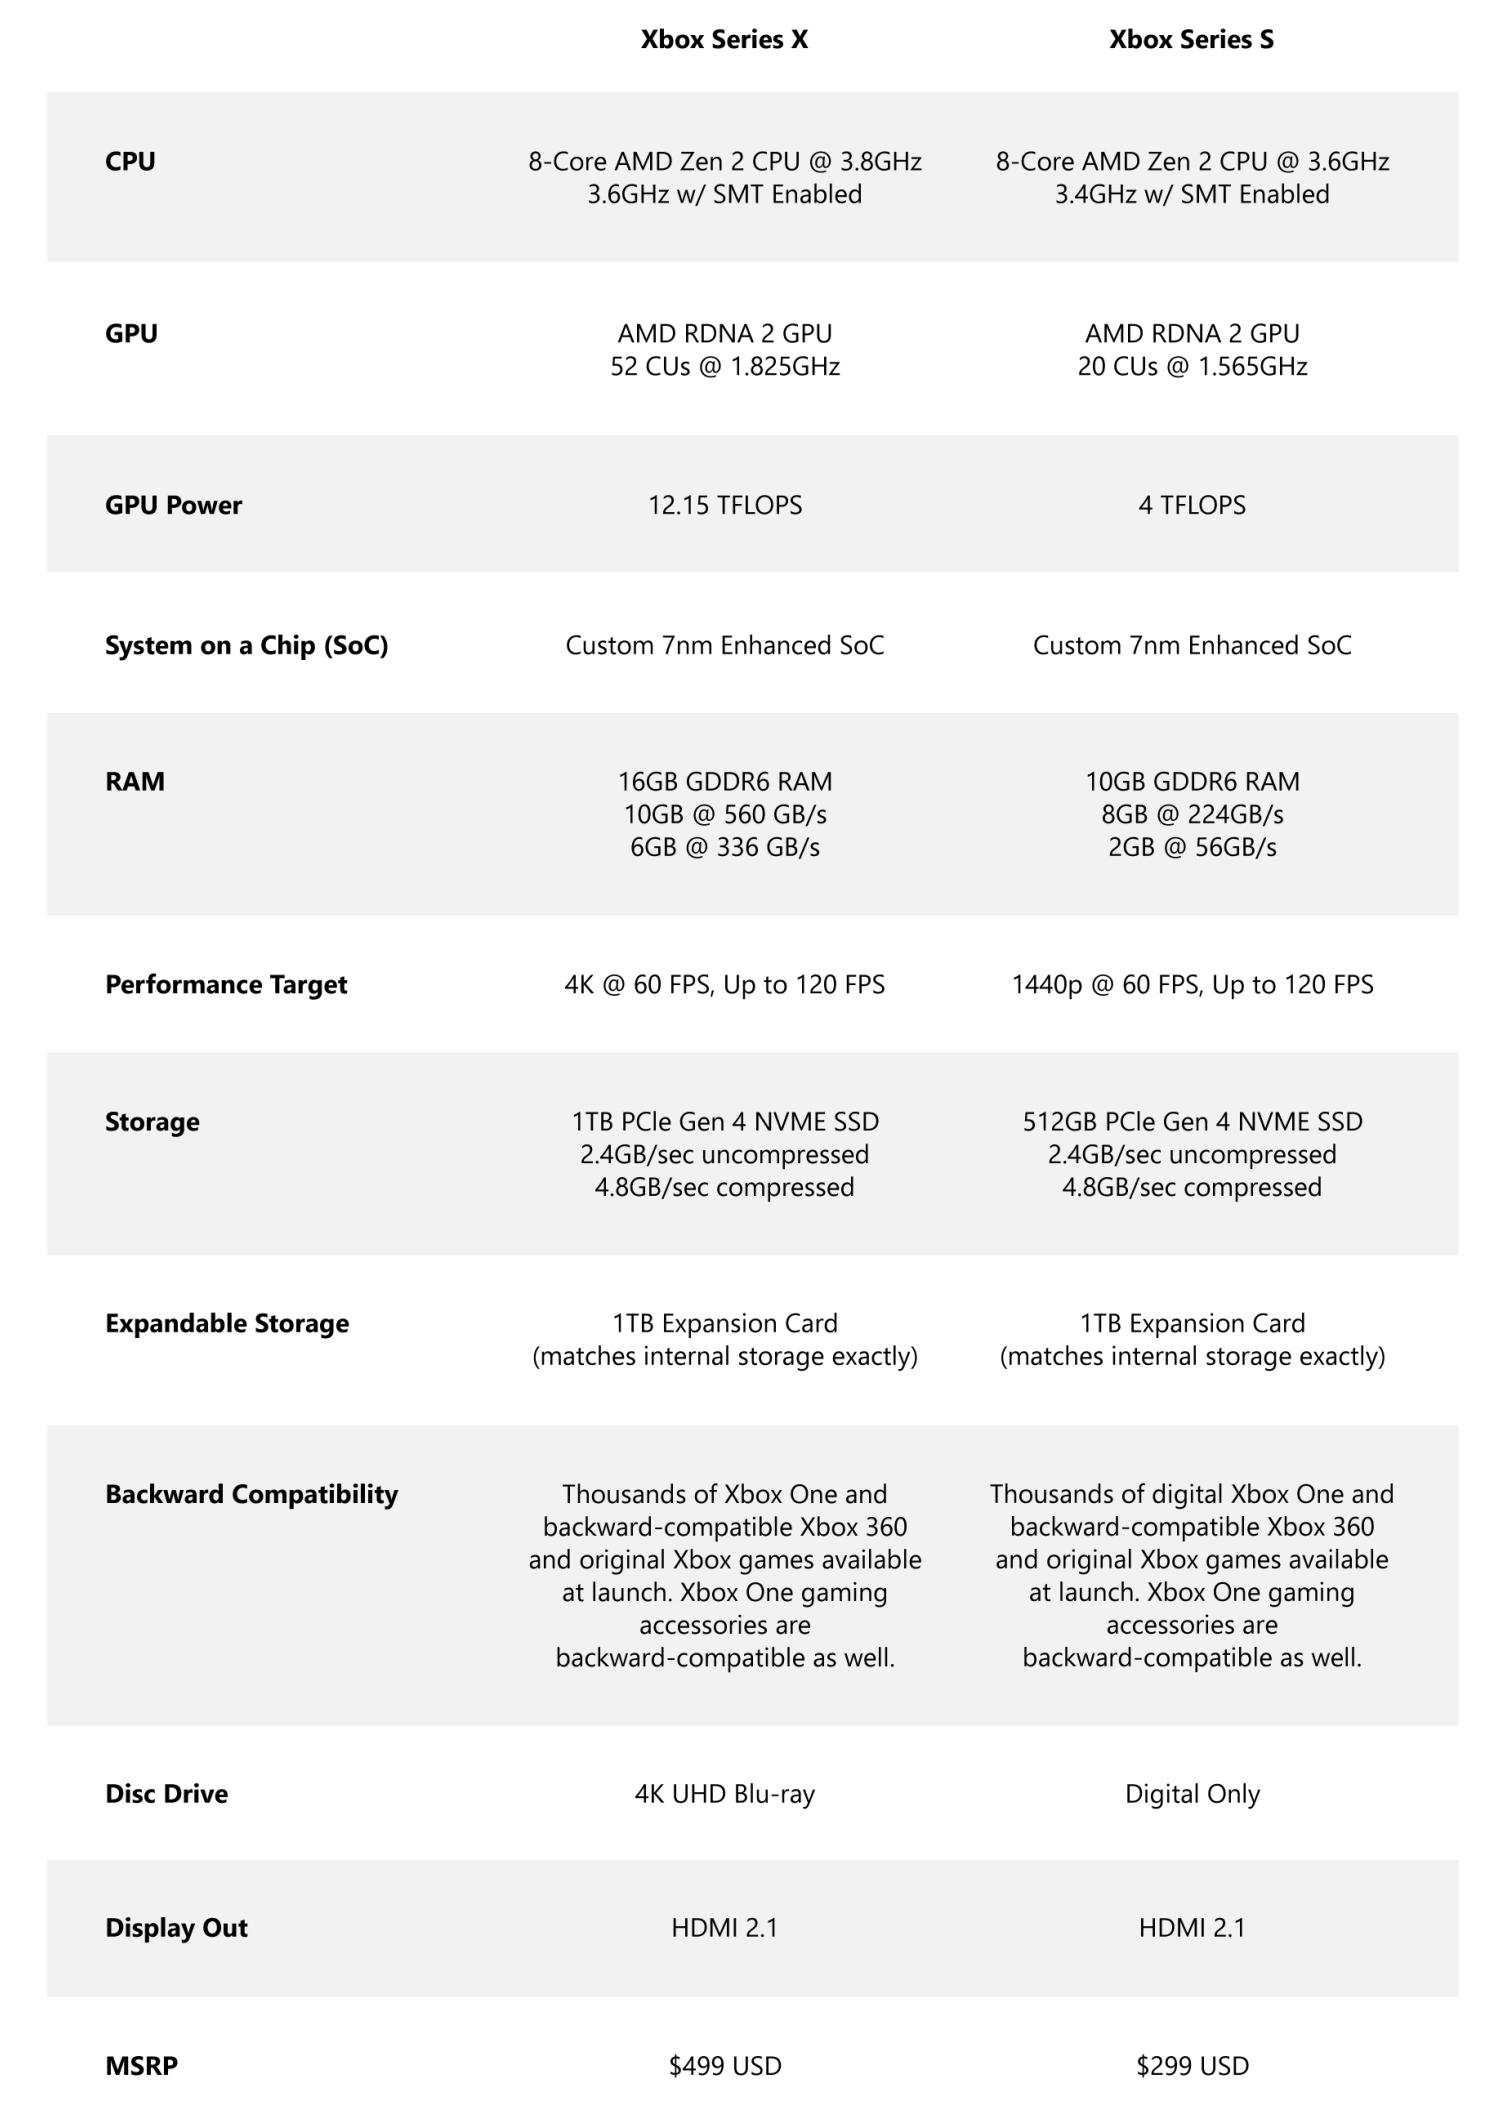 Xbox Series X and Xbox Series S specs